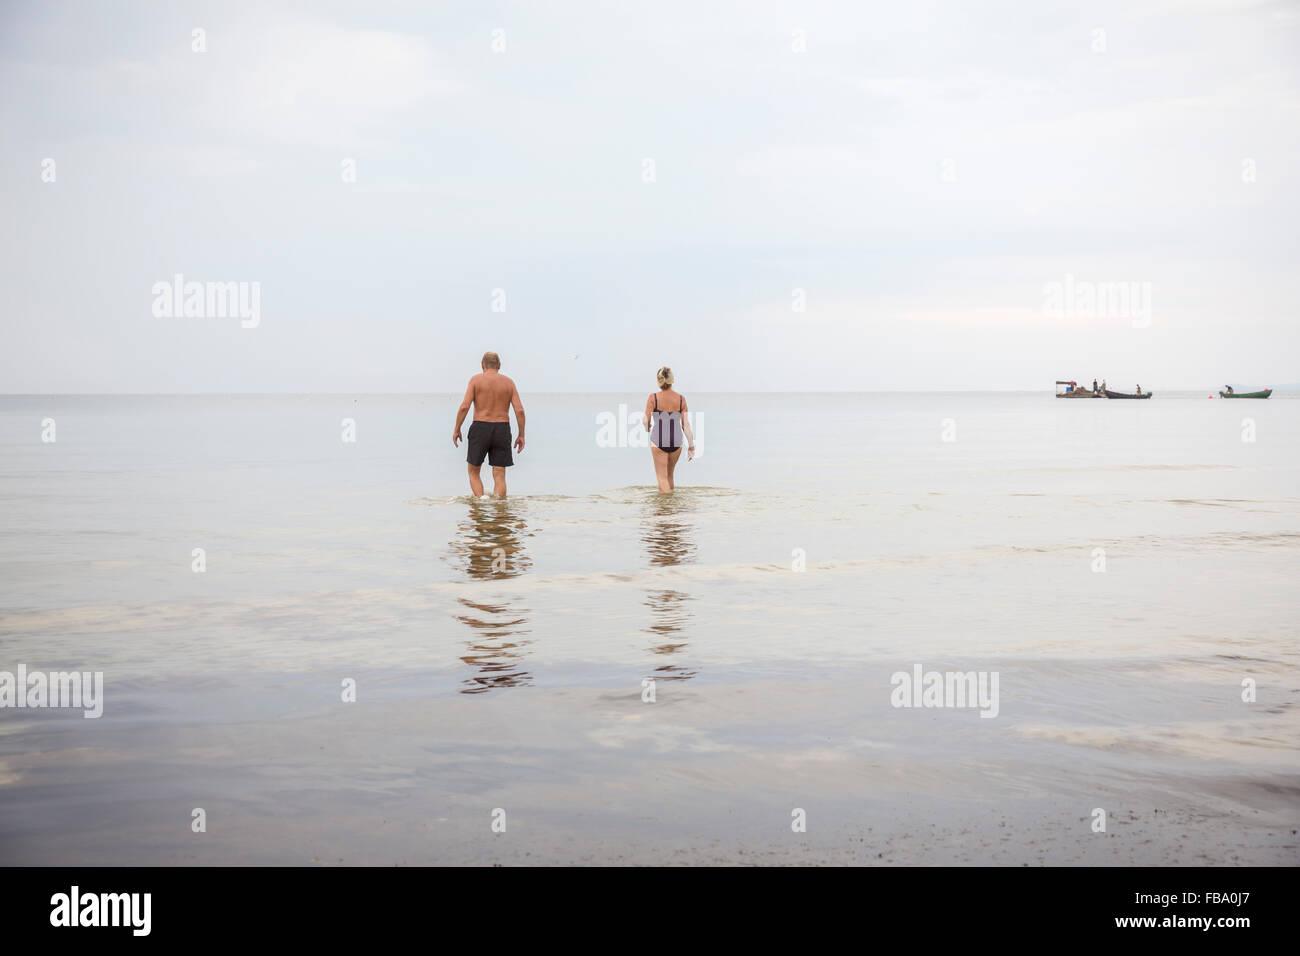 La Suède, Stockholm, l'Ahus, homme et femme, entrant dans l'eau Photo Stock